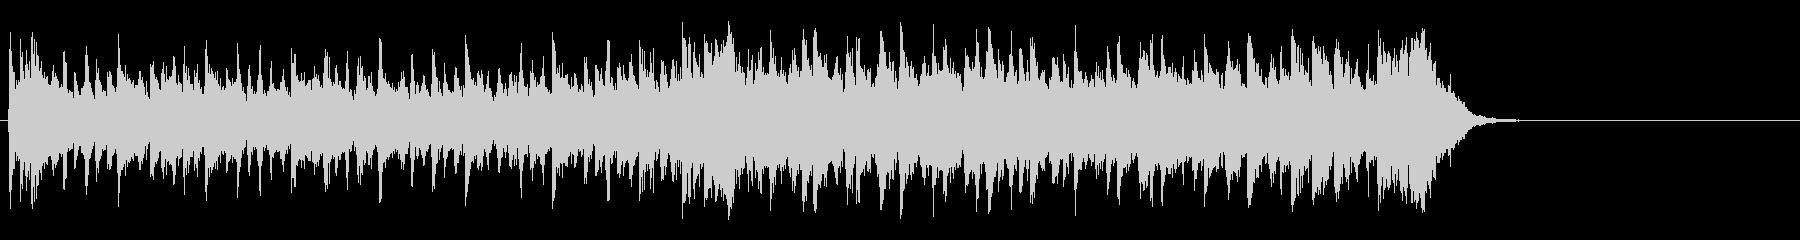 サイクリング向けポップス(イントロ~…)の未再生の波形